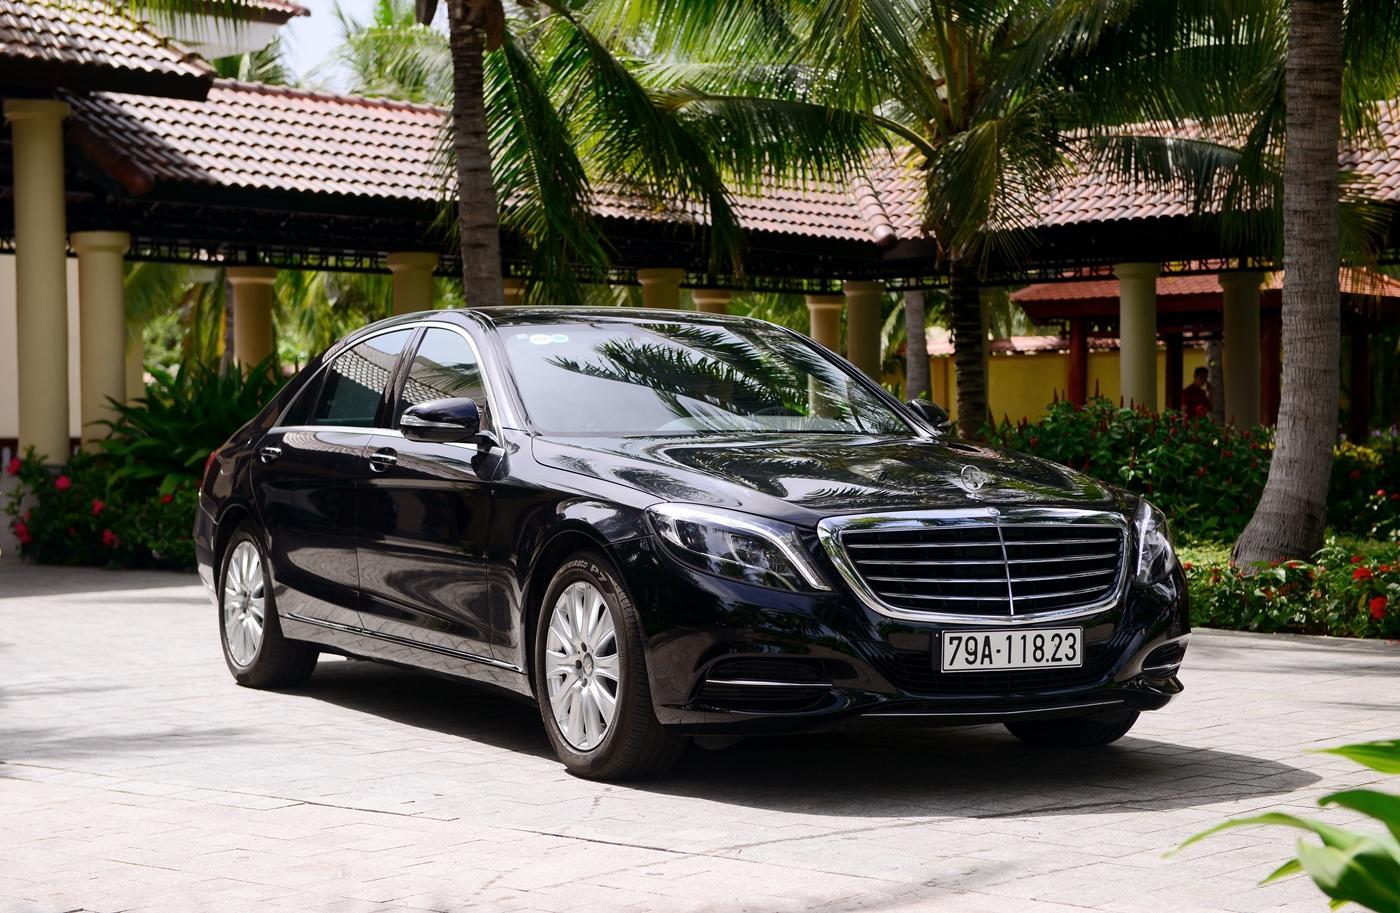 Khám phá đẳng cấp Mercedes S-Class phục vụ hệ thống Vinpearl_7